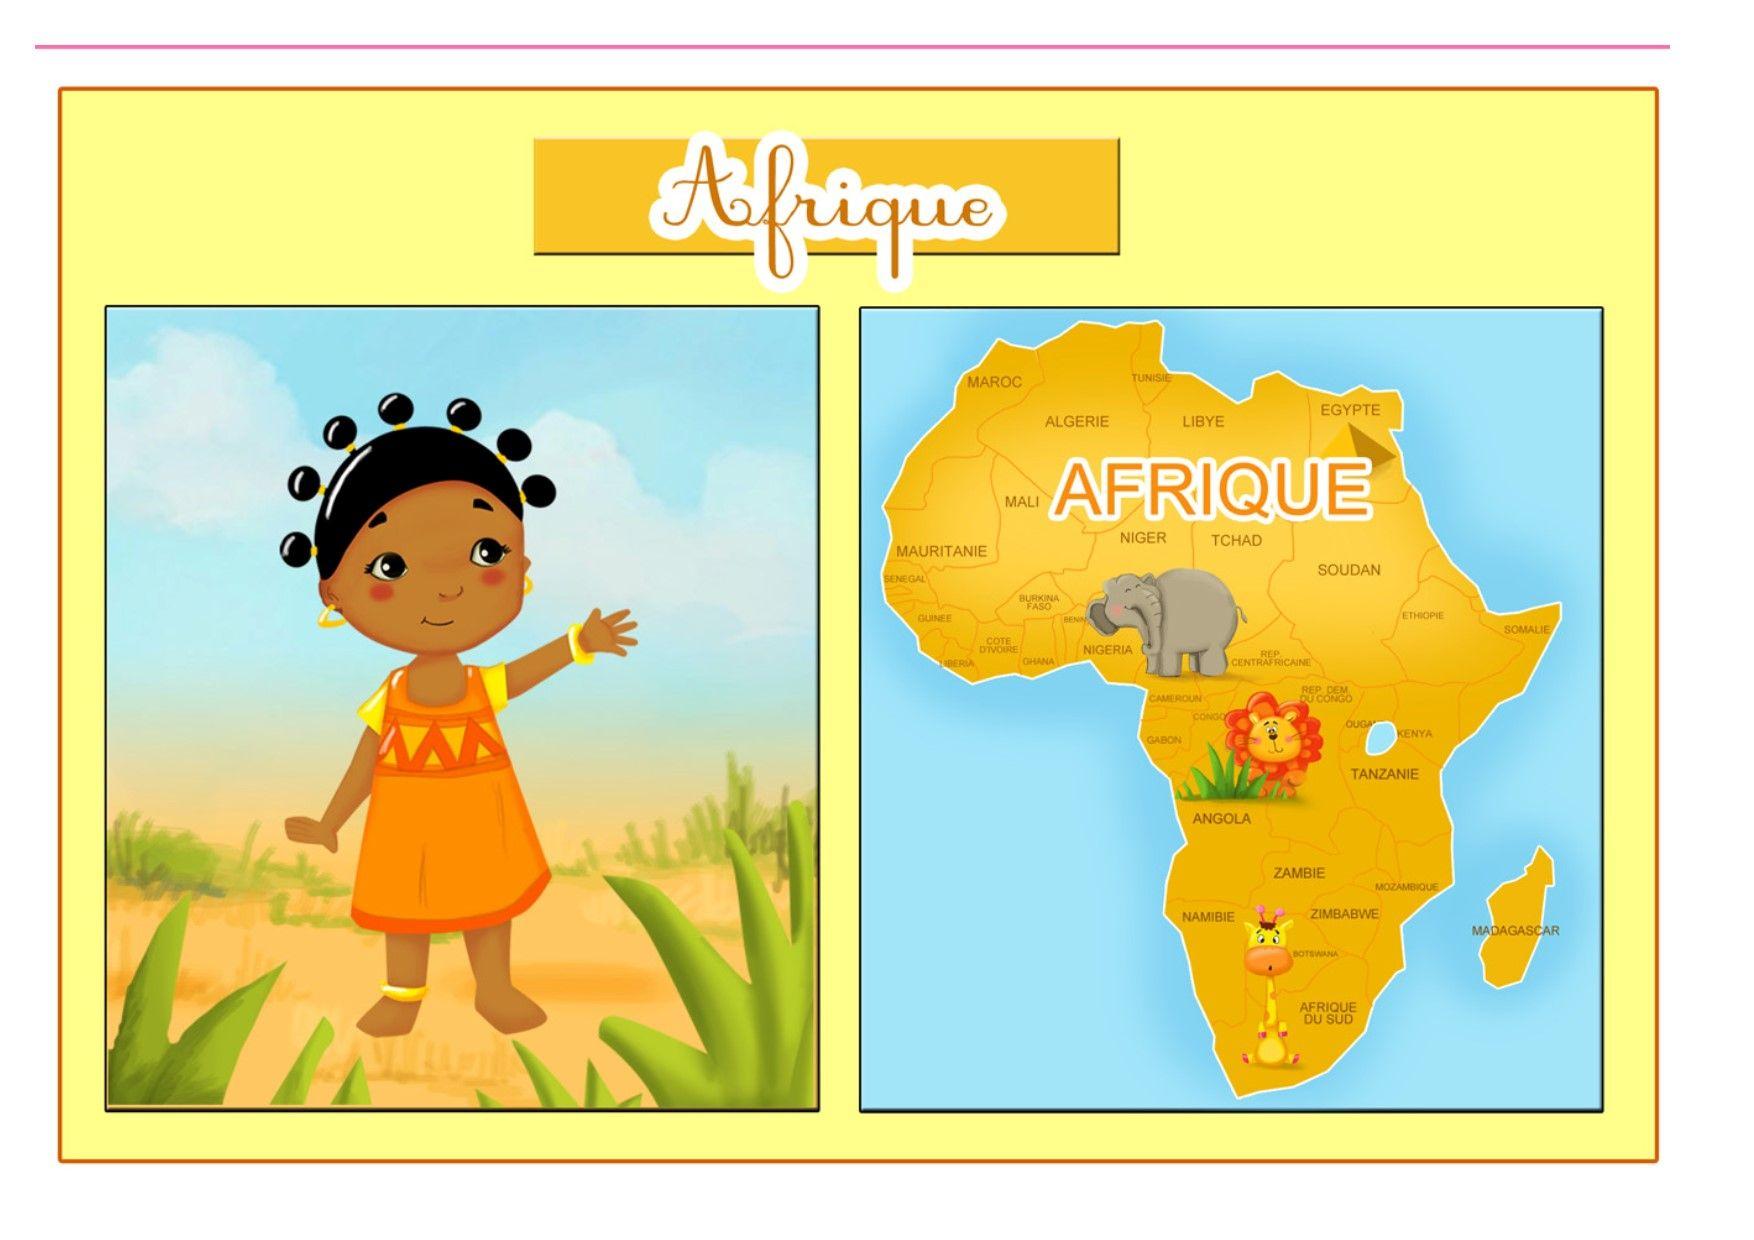 Je Veux La Carte De Lafrique.La Carte De L Afrique Afrika Carte Afrique Afrique Et